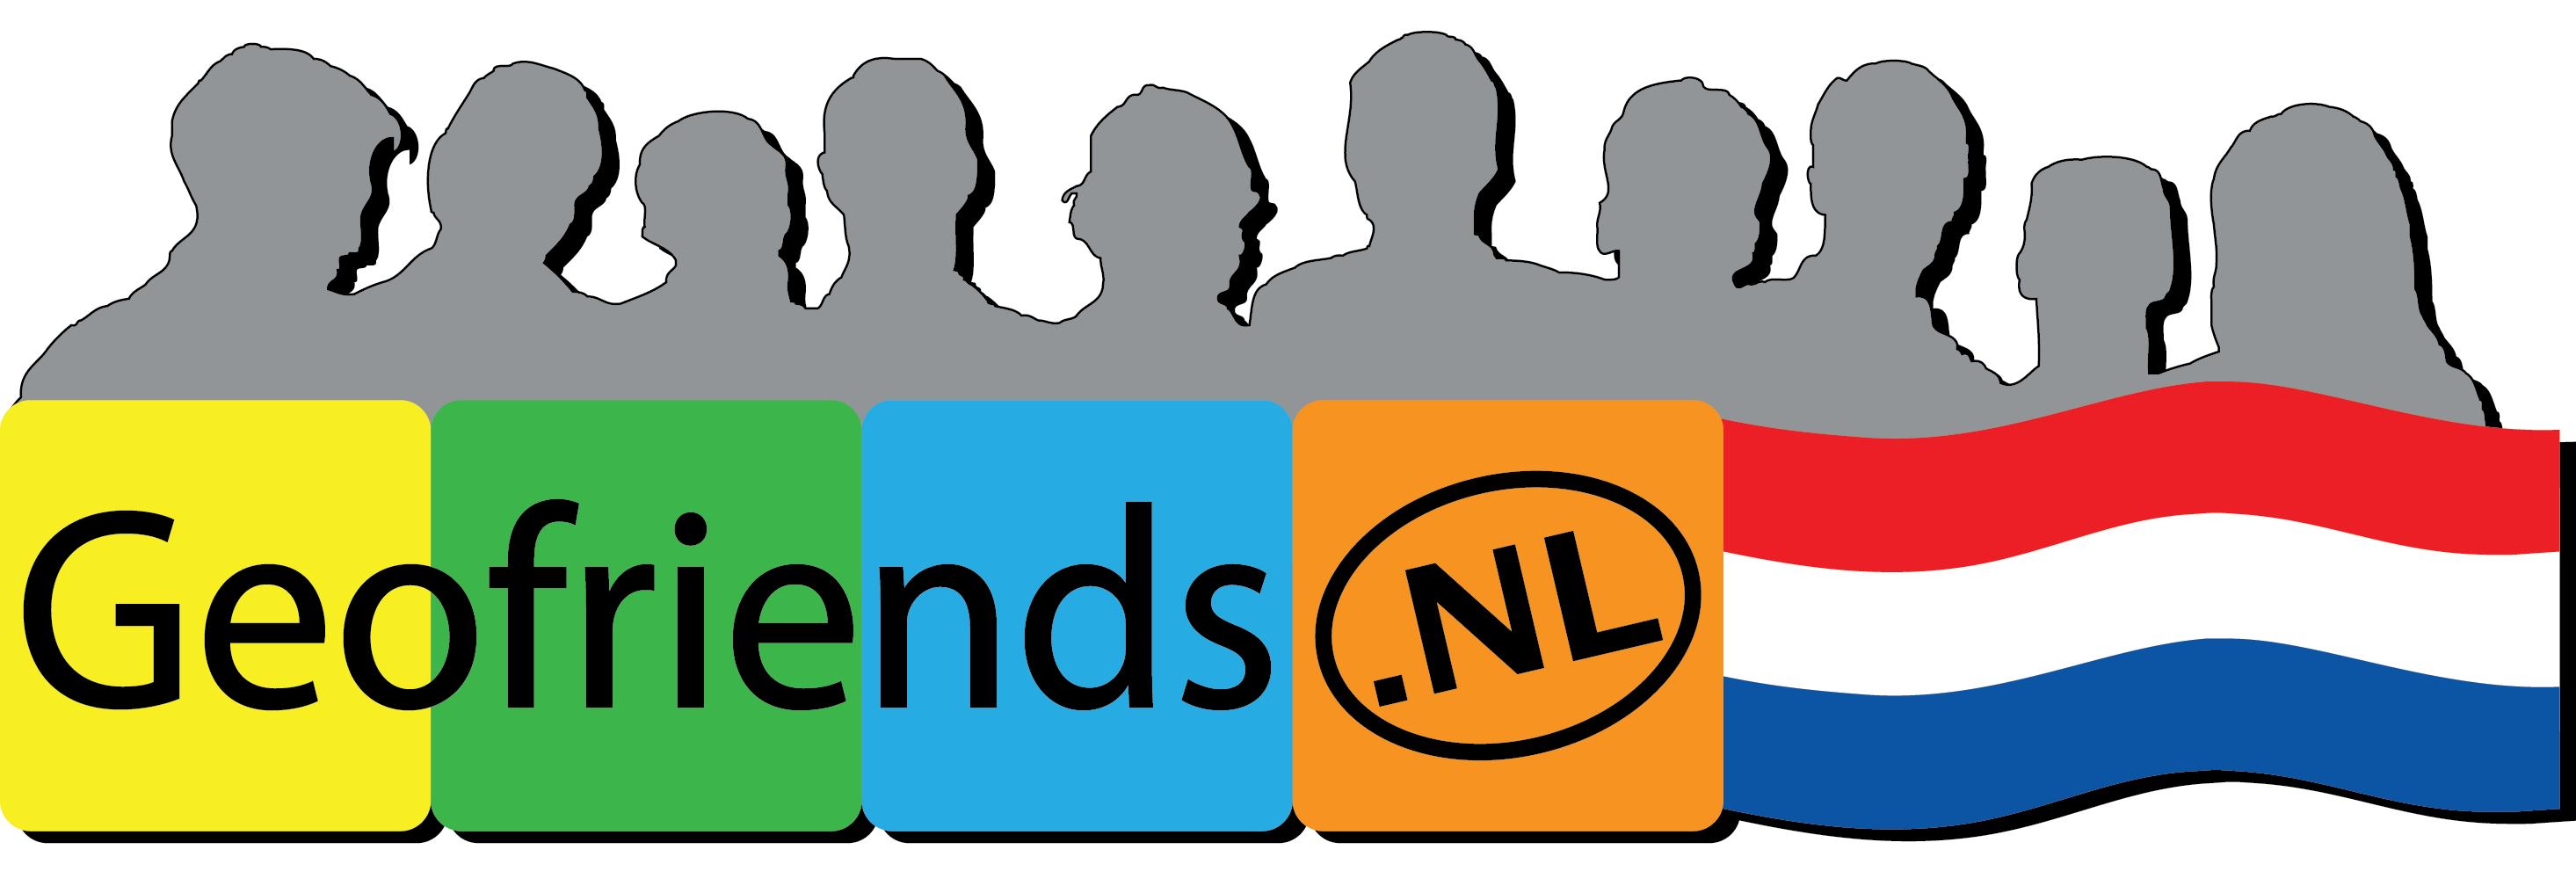 logo Geofriends.nl